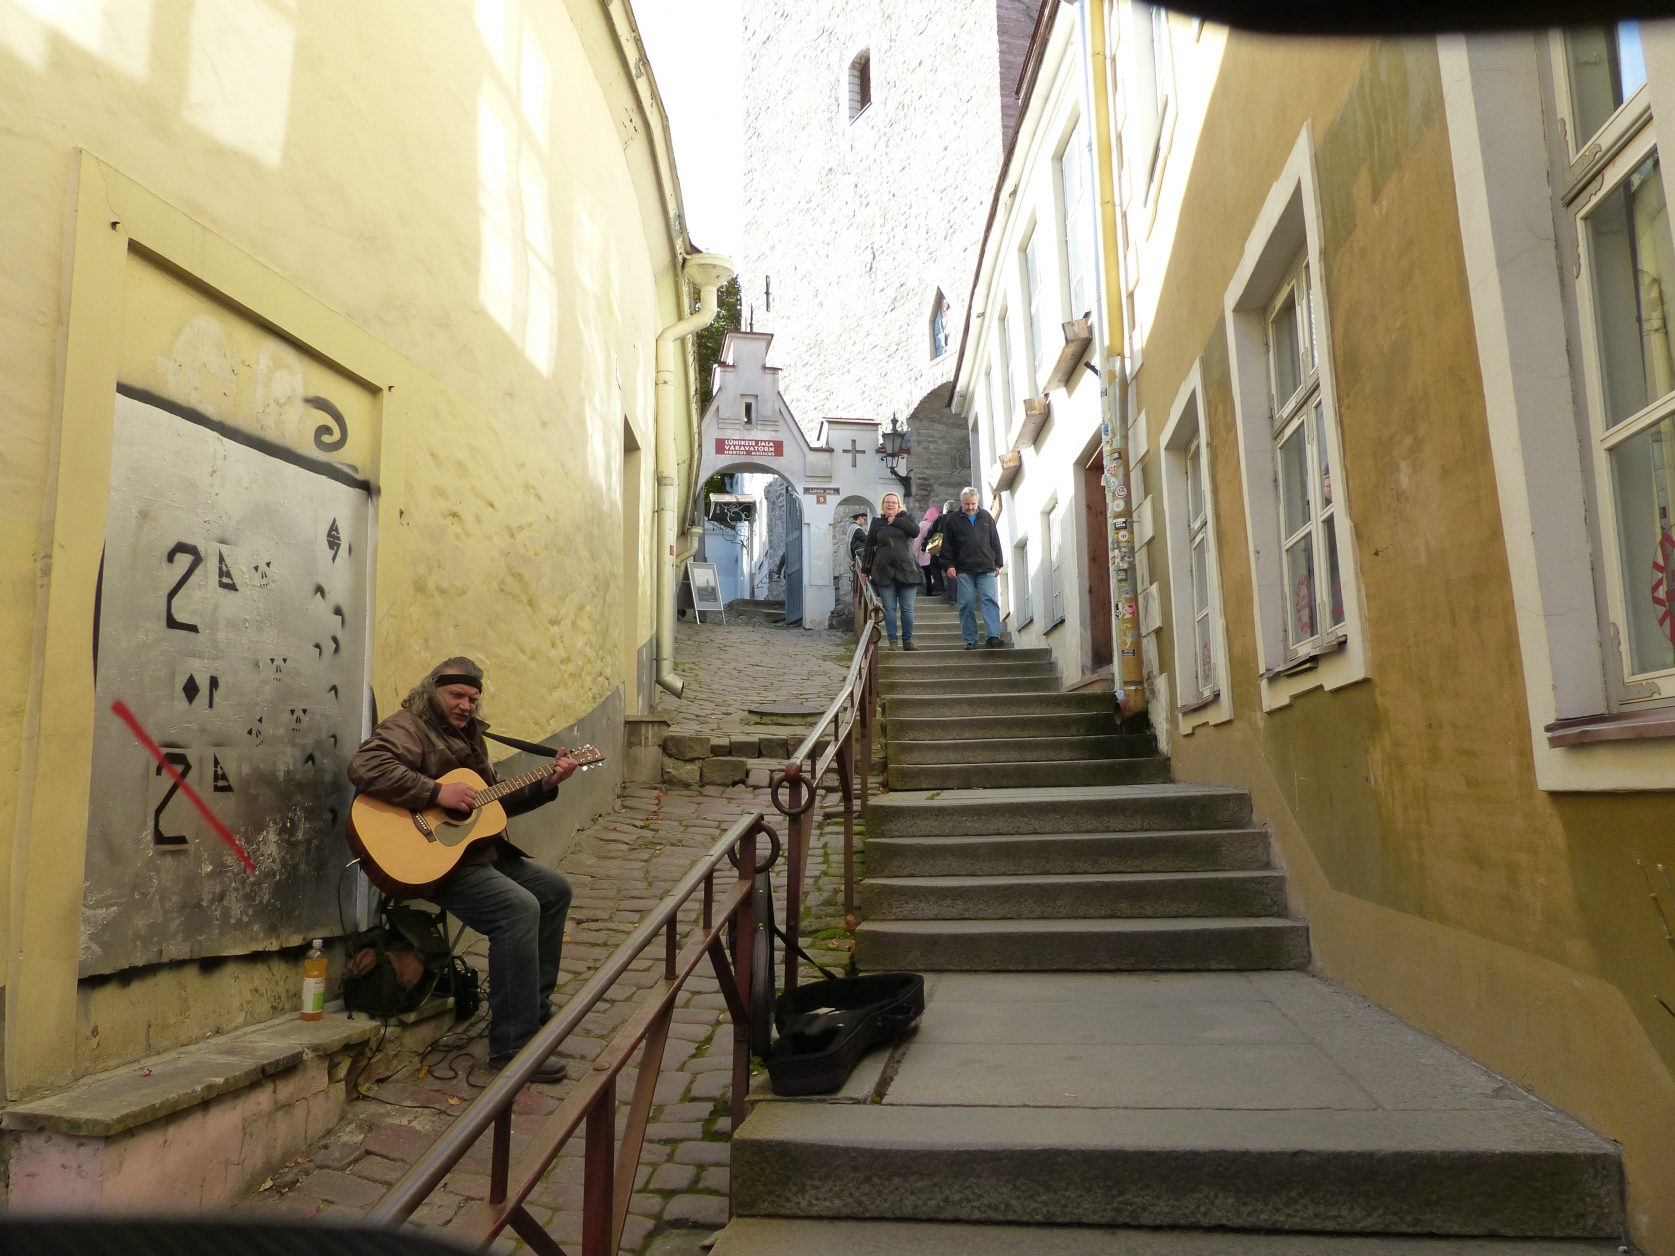 Bereits bei einem früheren Besuch sah ich diesen Strassenmusiker am Aufgang zum Burgberg, Foto: D.Weirauch